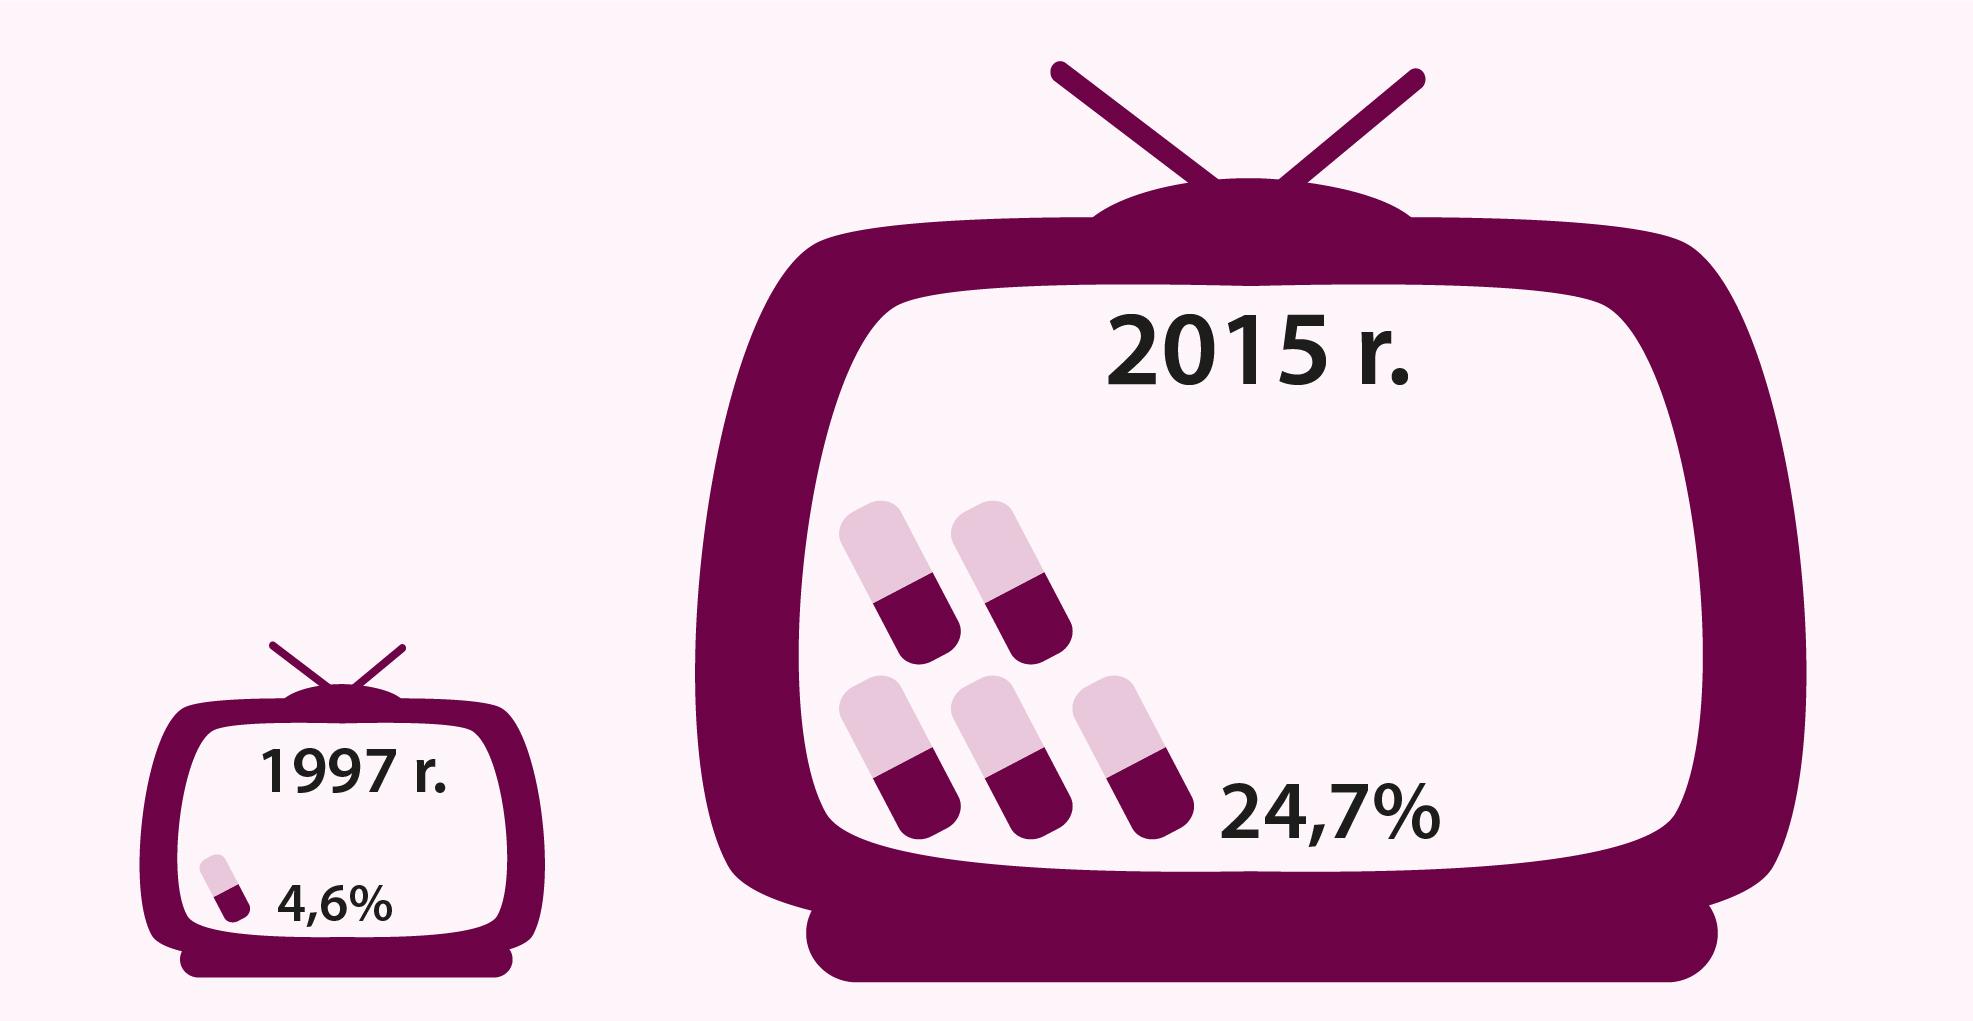 Źródło: Raport KRRiTv Emisja przekazów handlowych produktów zdrowotnych i leków w programach telewizyjnych